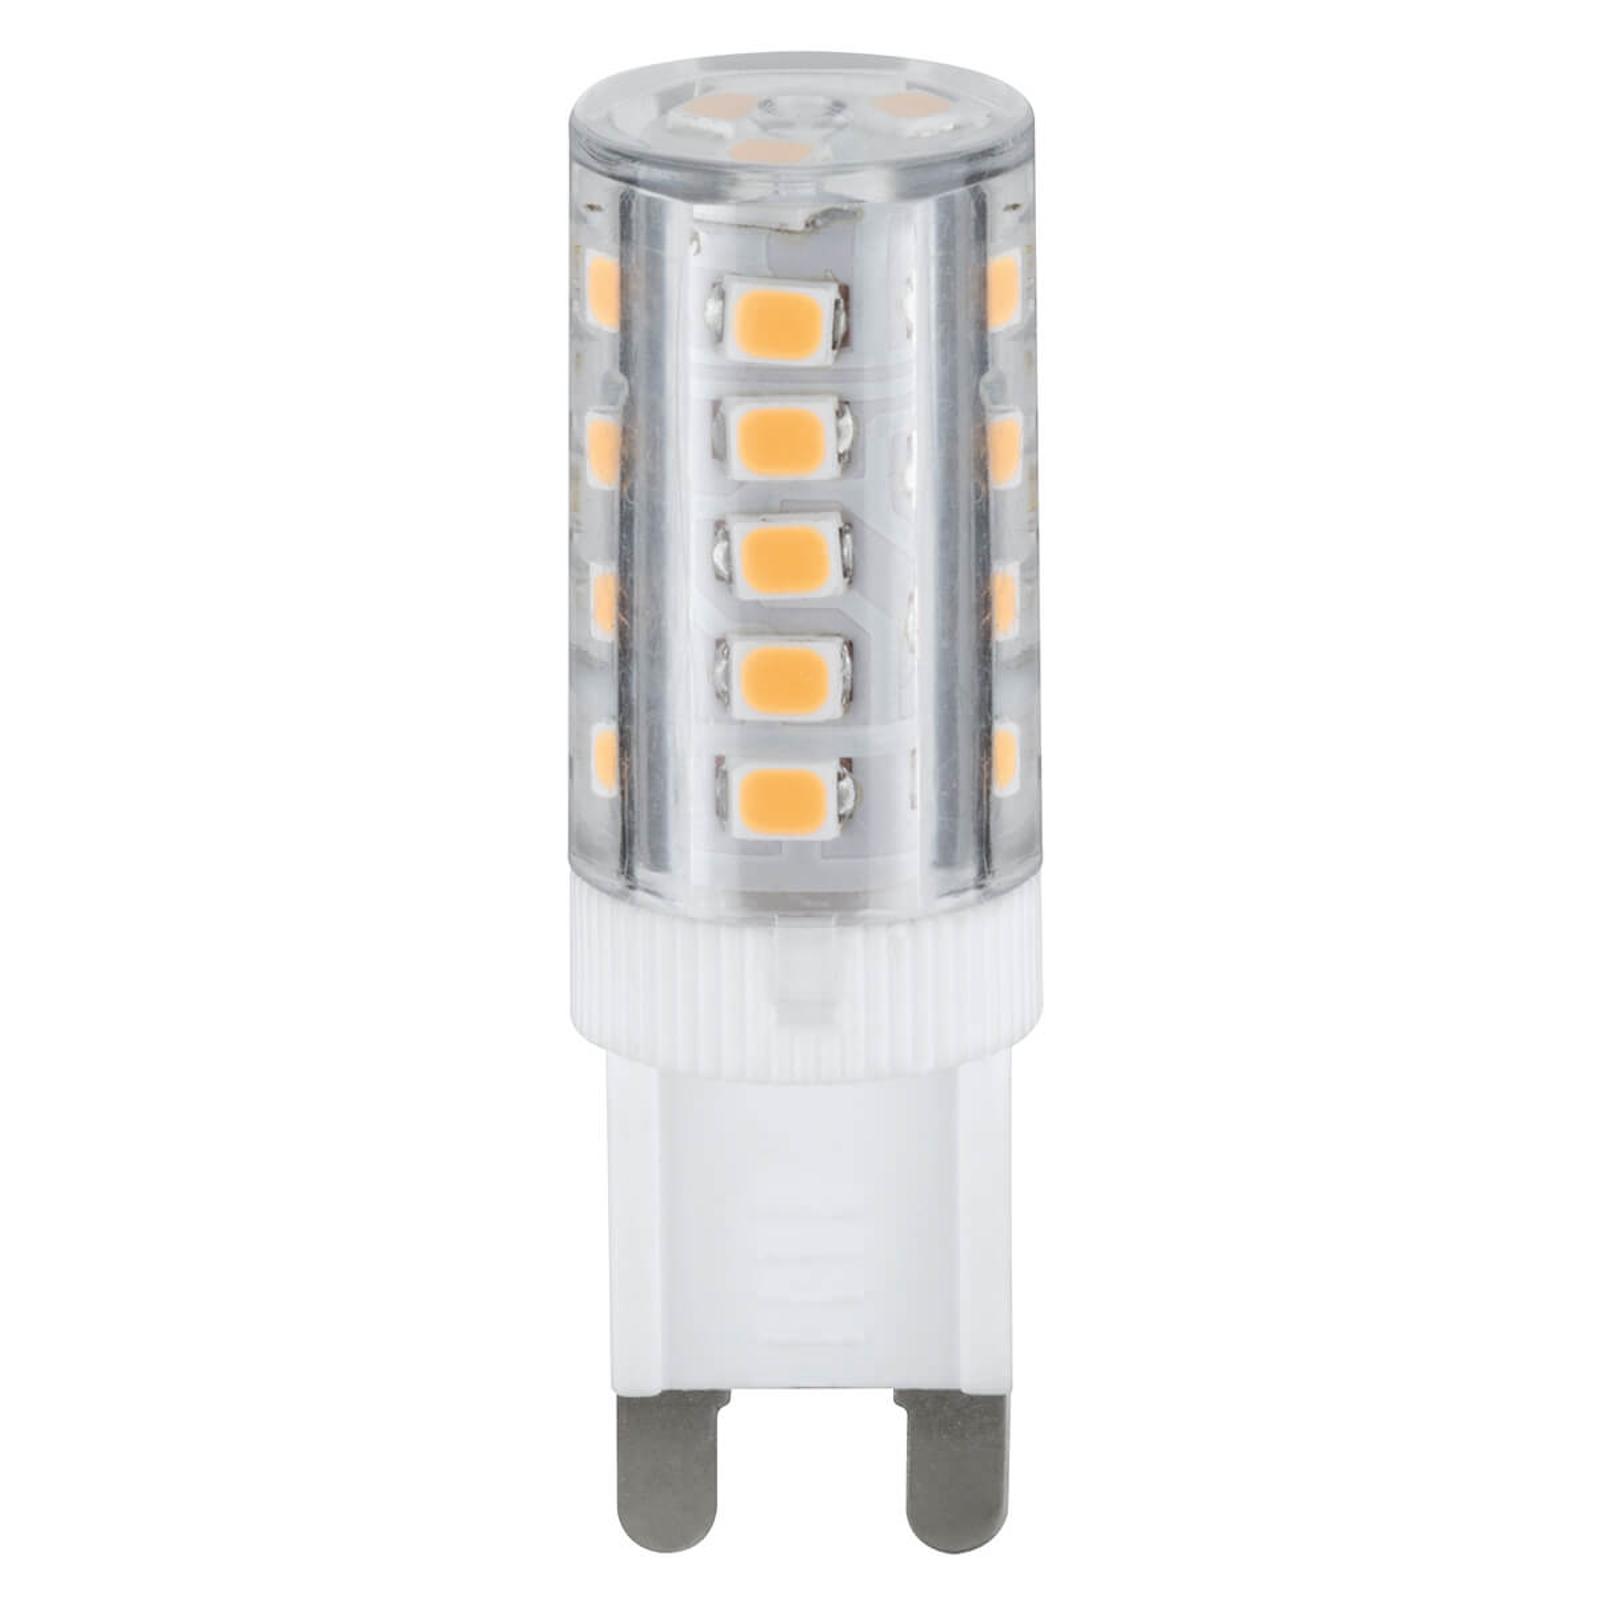 G9 3W 827 LED-Stiftsockellampe dimmbar